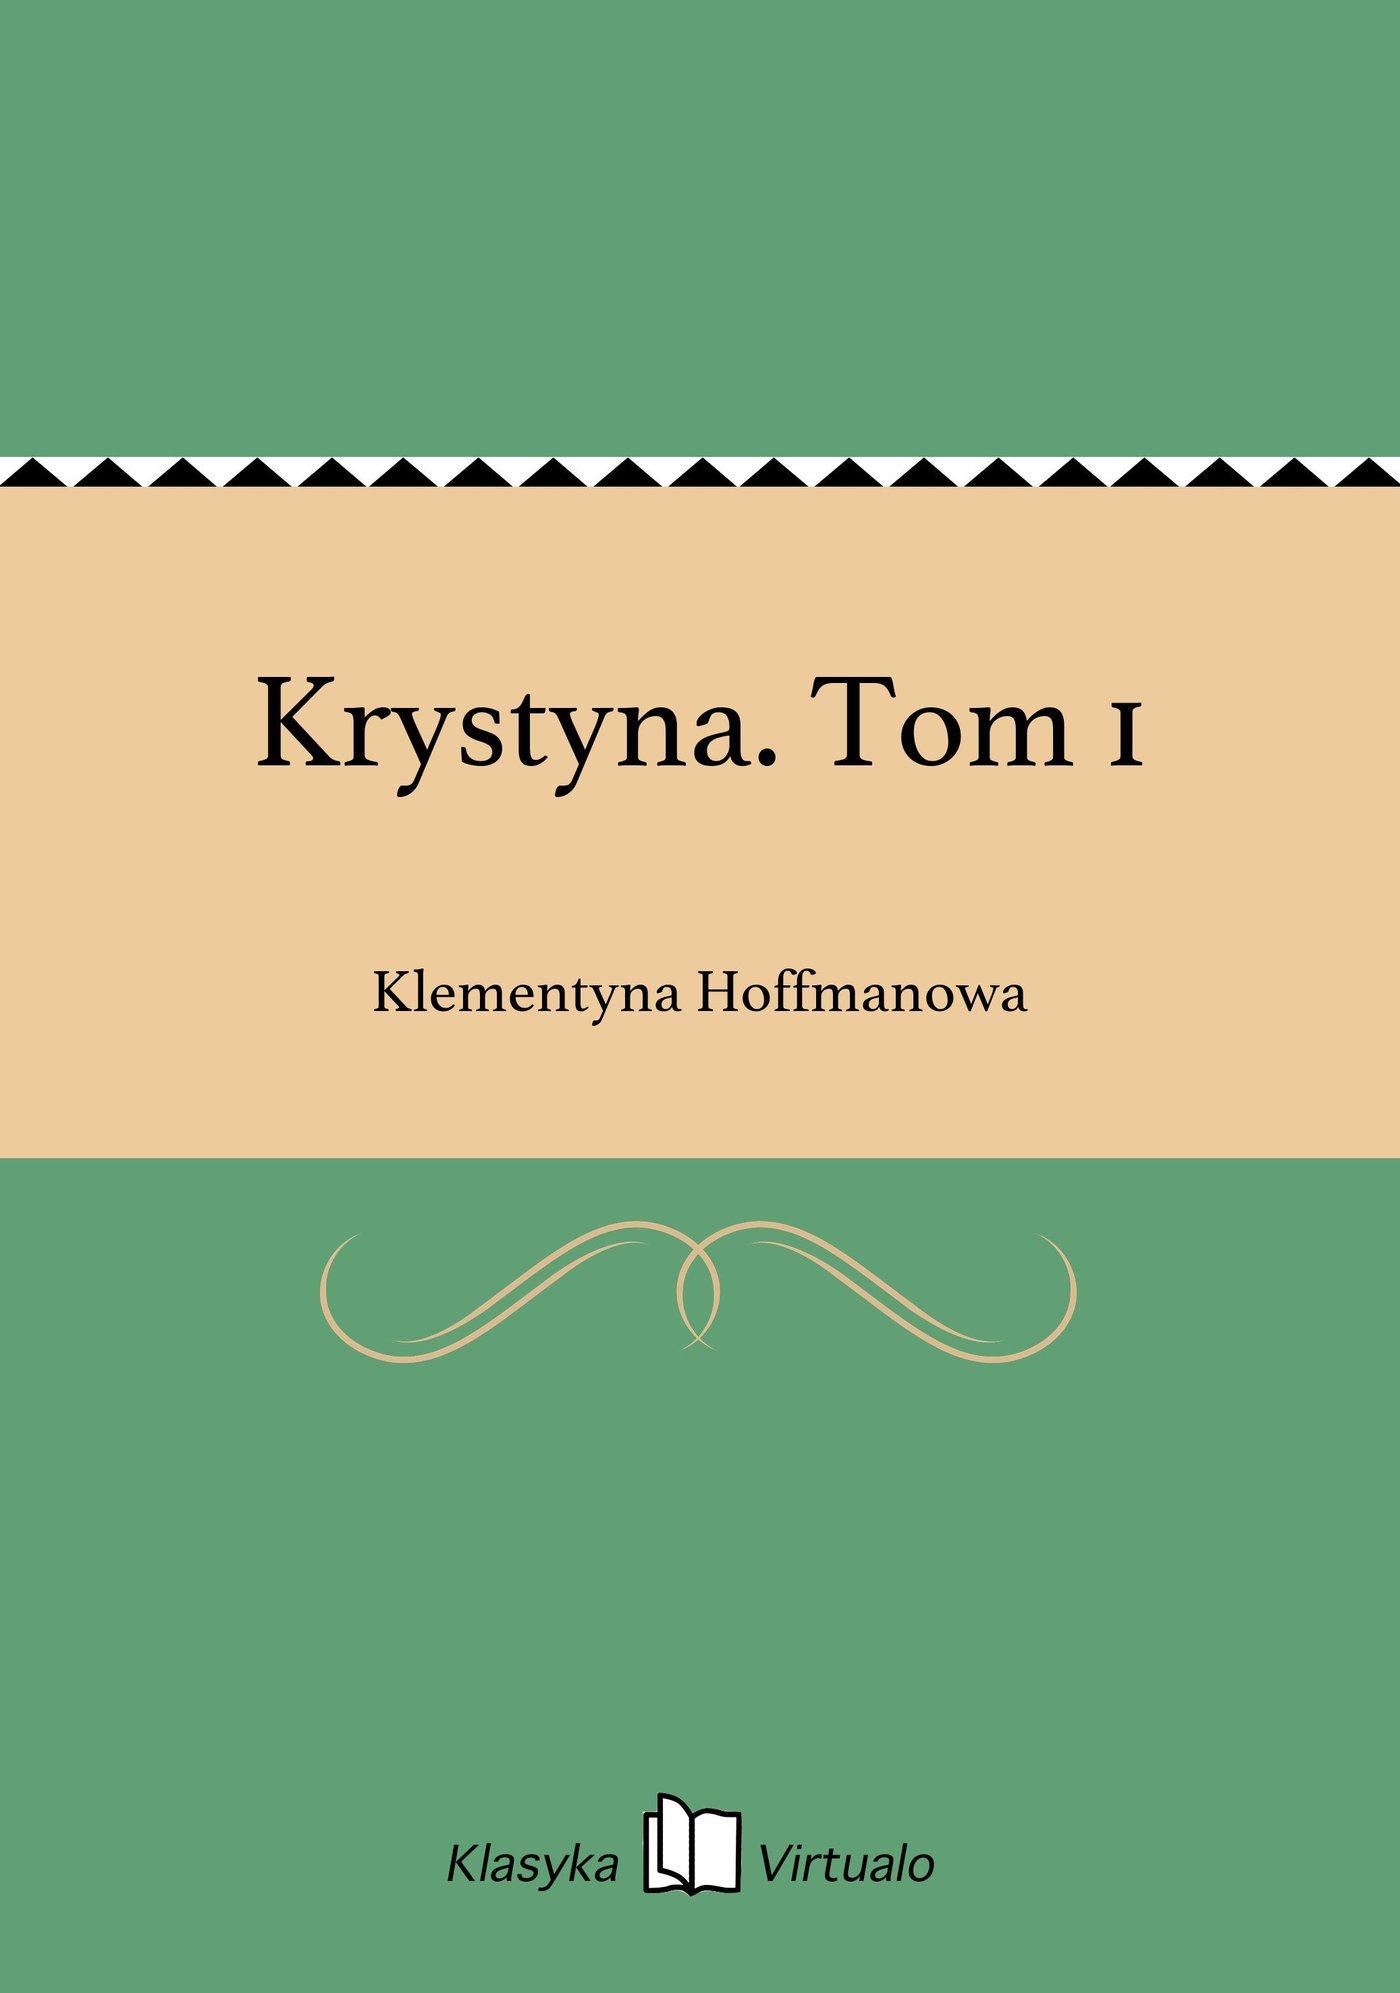 Krystyna. Tom 1 - Ebook (Książka EPUB) do pobrania w formacie EPUB